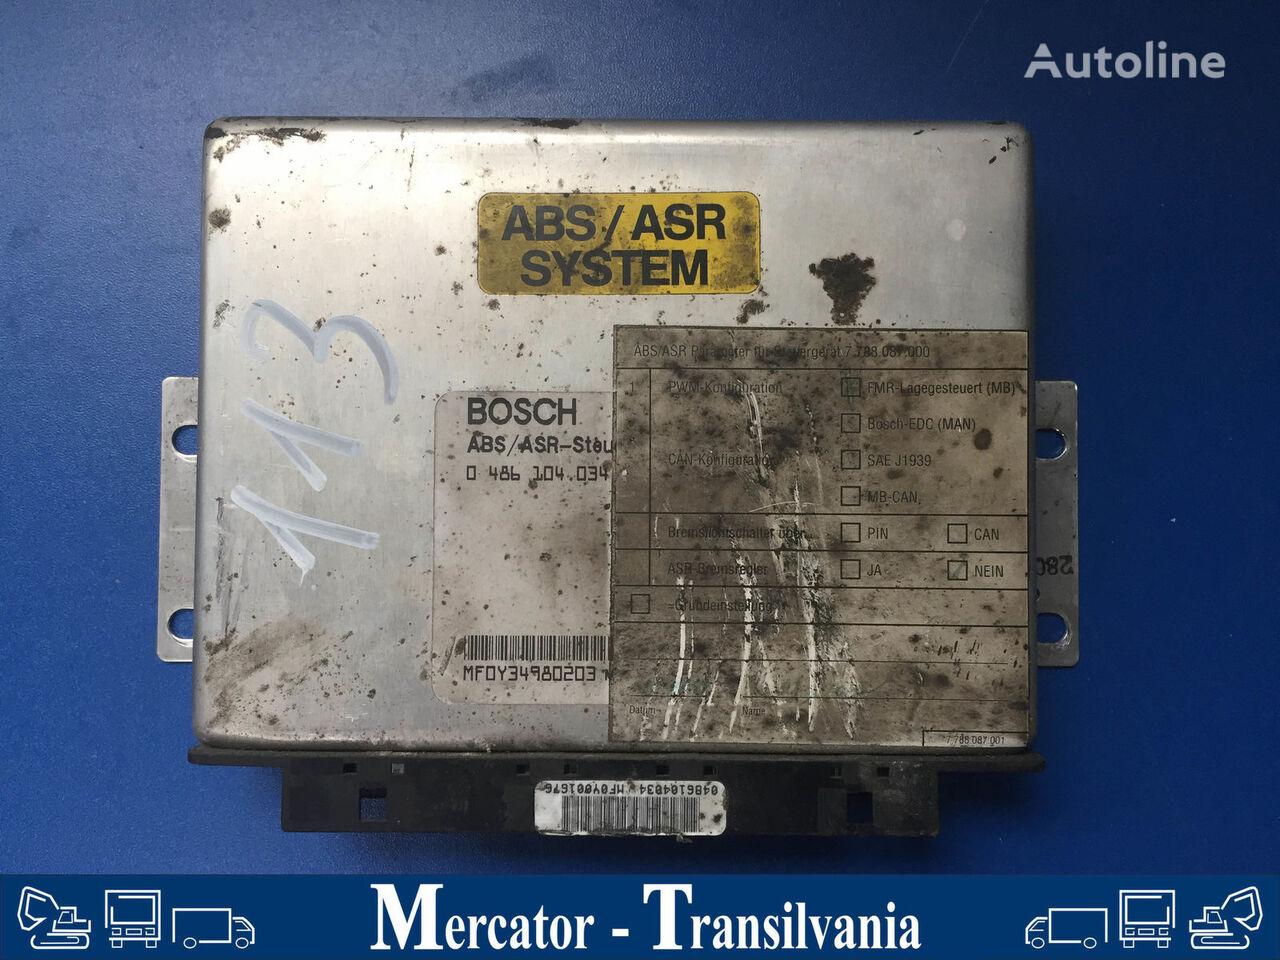 computer de bord BOSCH Bordcomputer für ABS/ASR SYSTEM pentru autobuz MERCEDES-BENZ O 550 / Integro